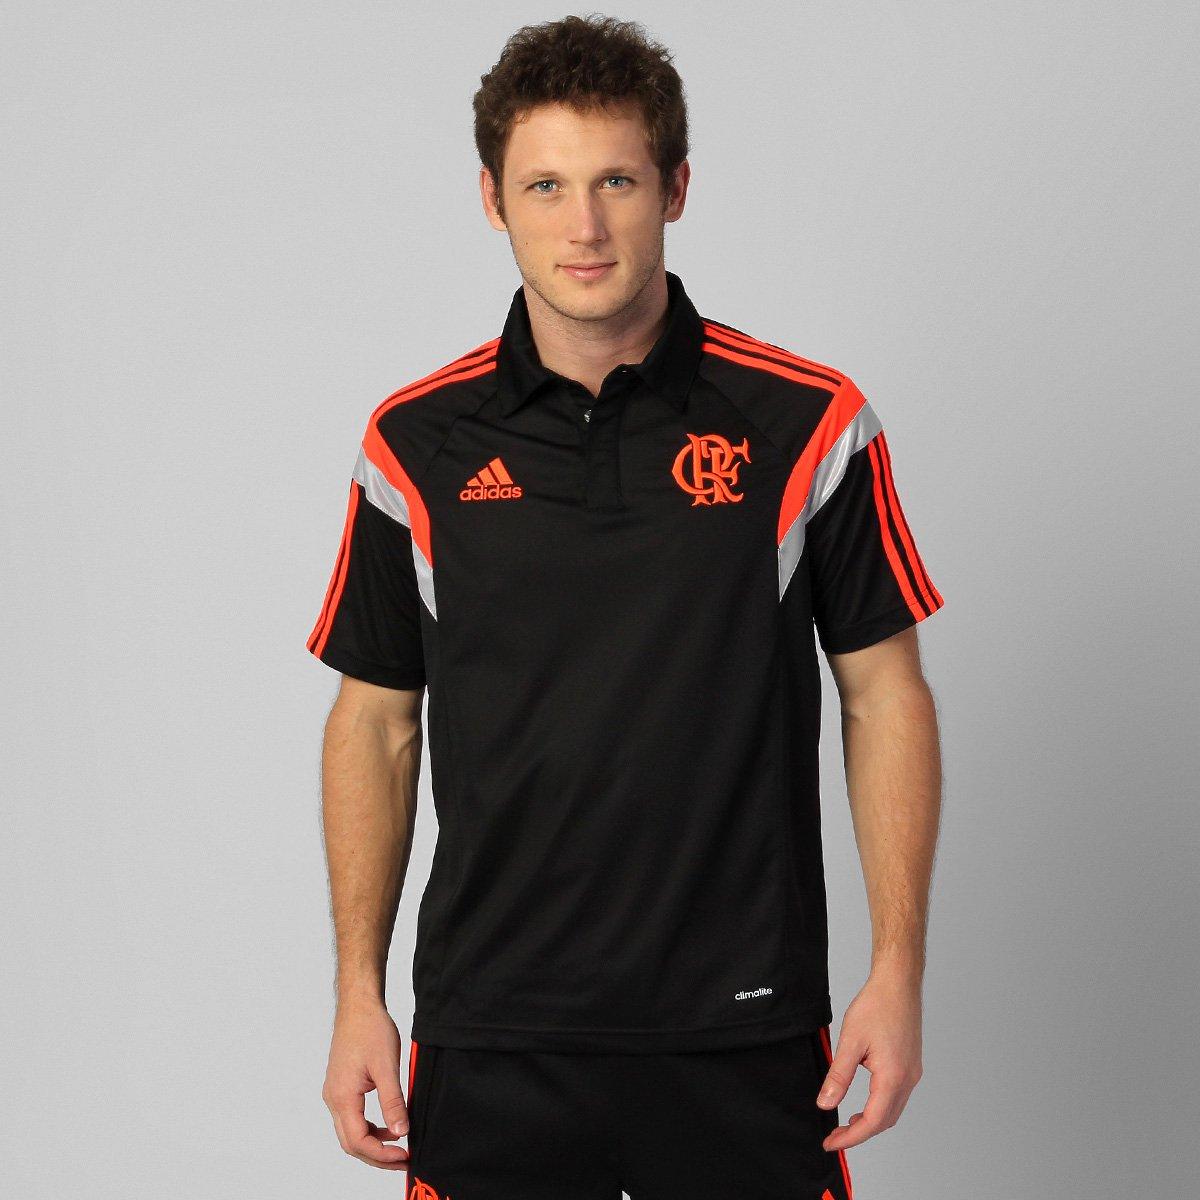 c163a308e0 Camisa Polo Adidas Flamengo Viagem 2014 - Compre Agora